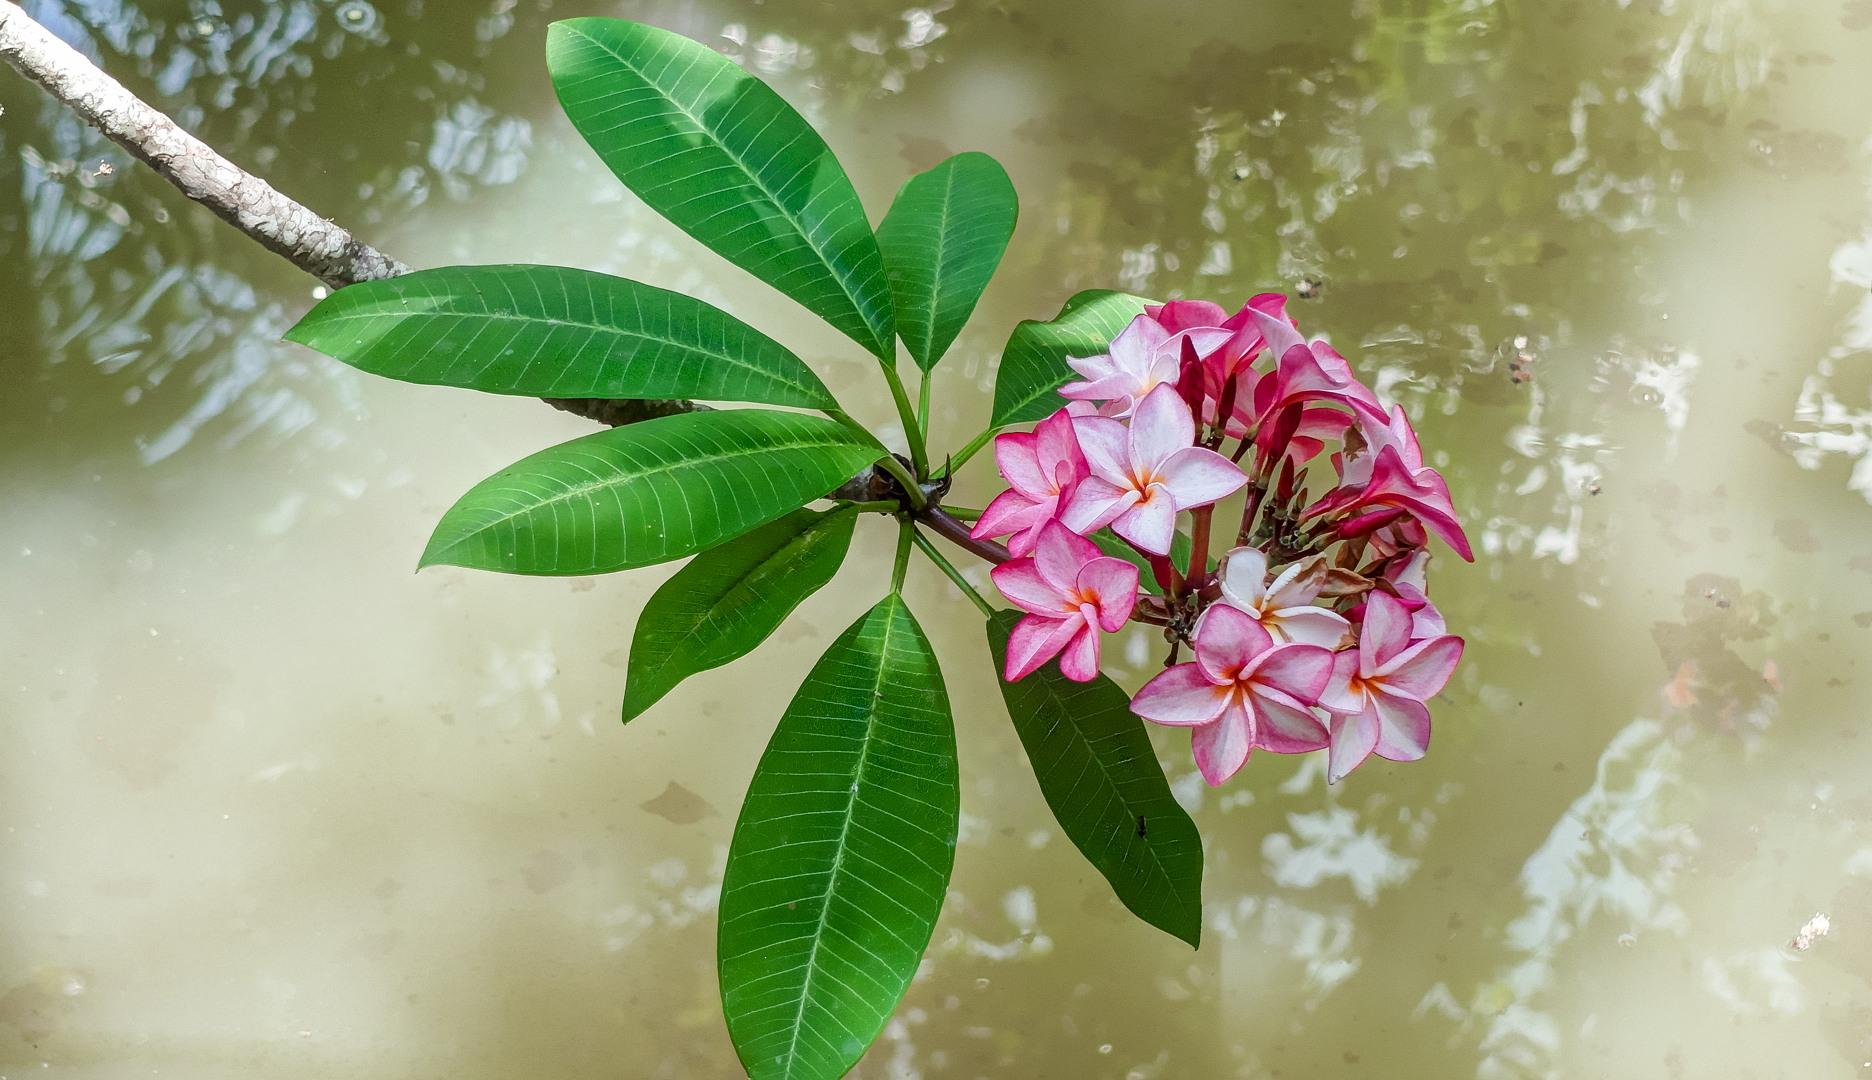 Розовая Плюмерия (Франжипани) Плюмерия — Pink Plumeria (Plumeria), Вьетнам